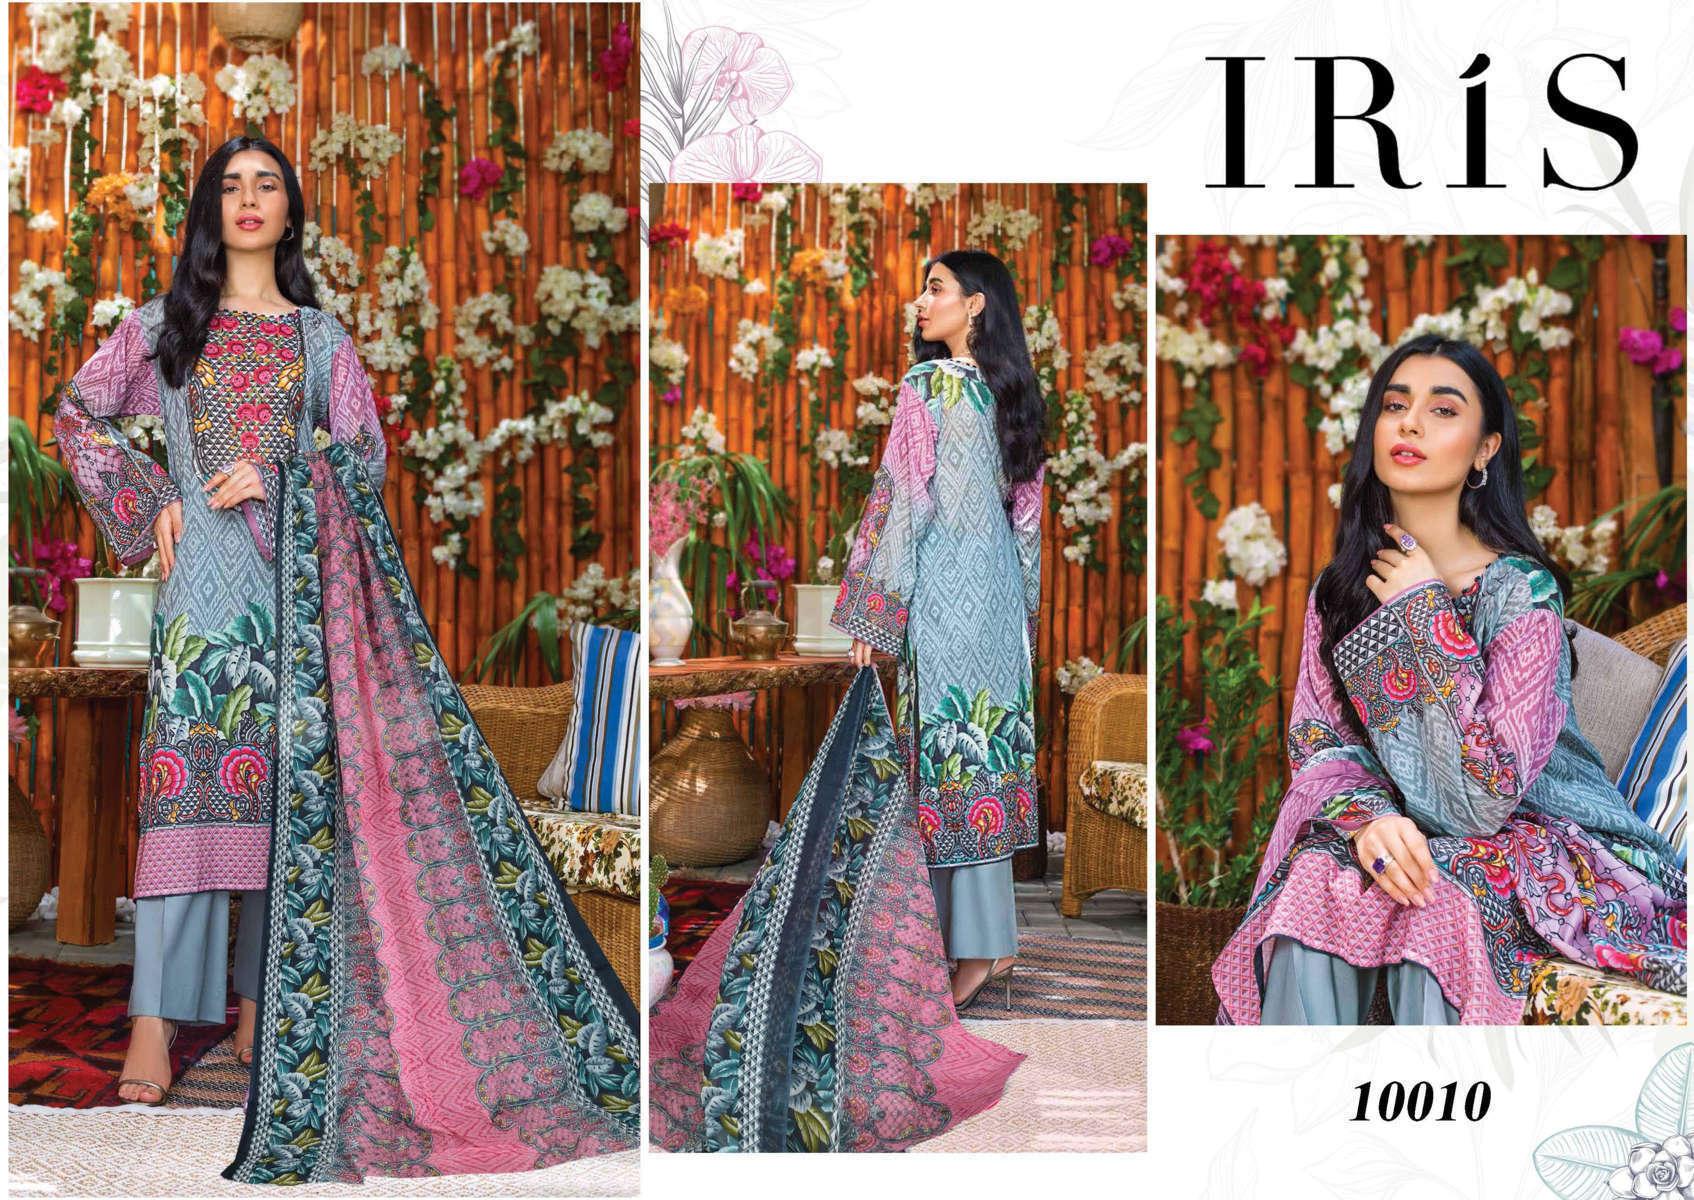 Iris Vol 10 Karachi Cotton Salwar Suit Wholesale Catalog 10 Pcs 14 - Iris Vol 10 Karachi Cotton Salwar Suit Wholesale Catalog 10 Pcs